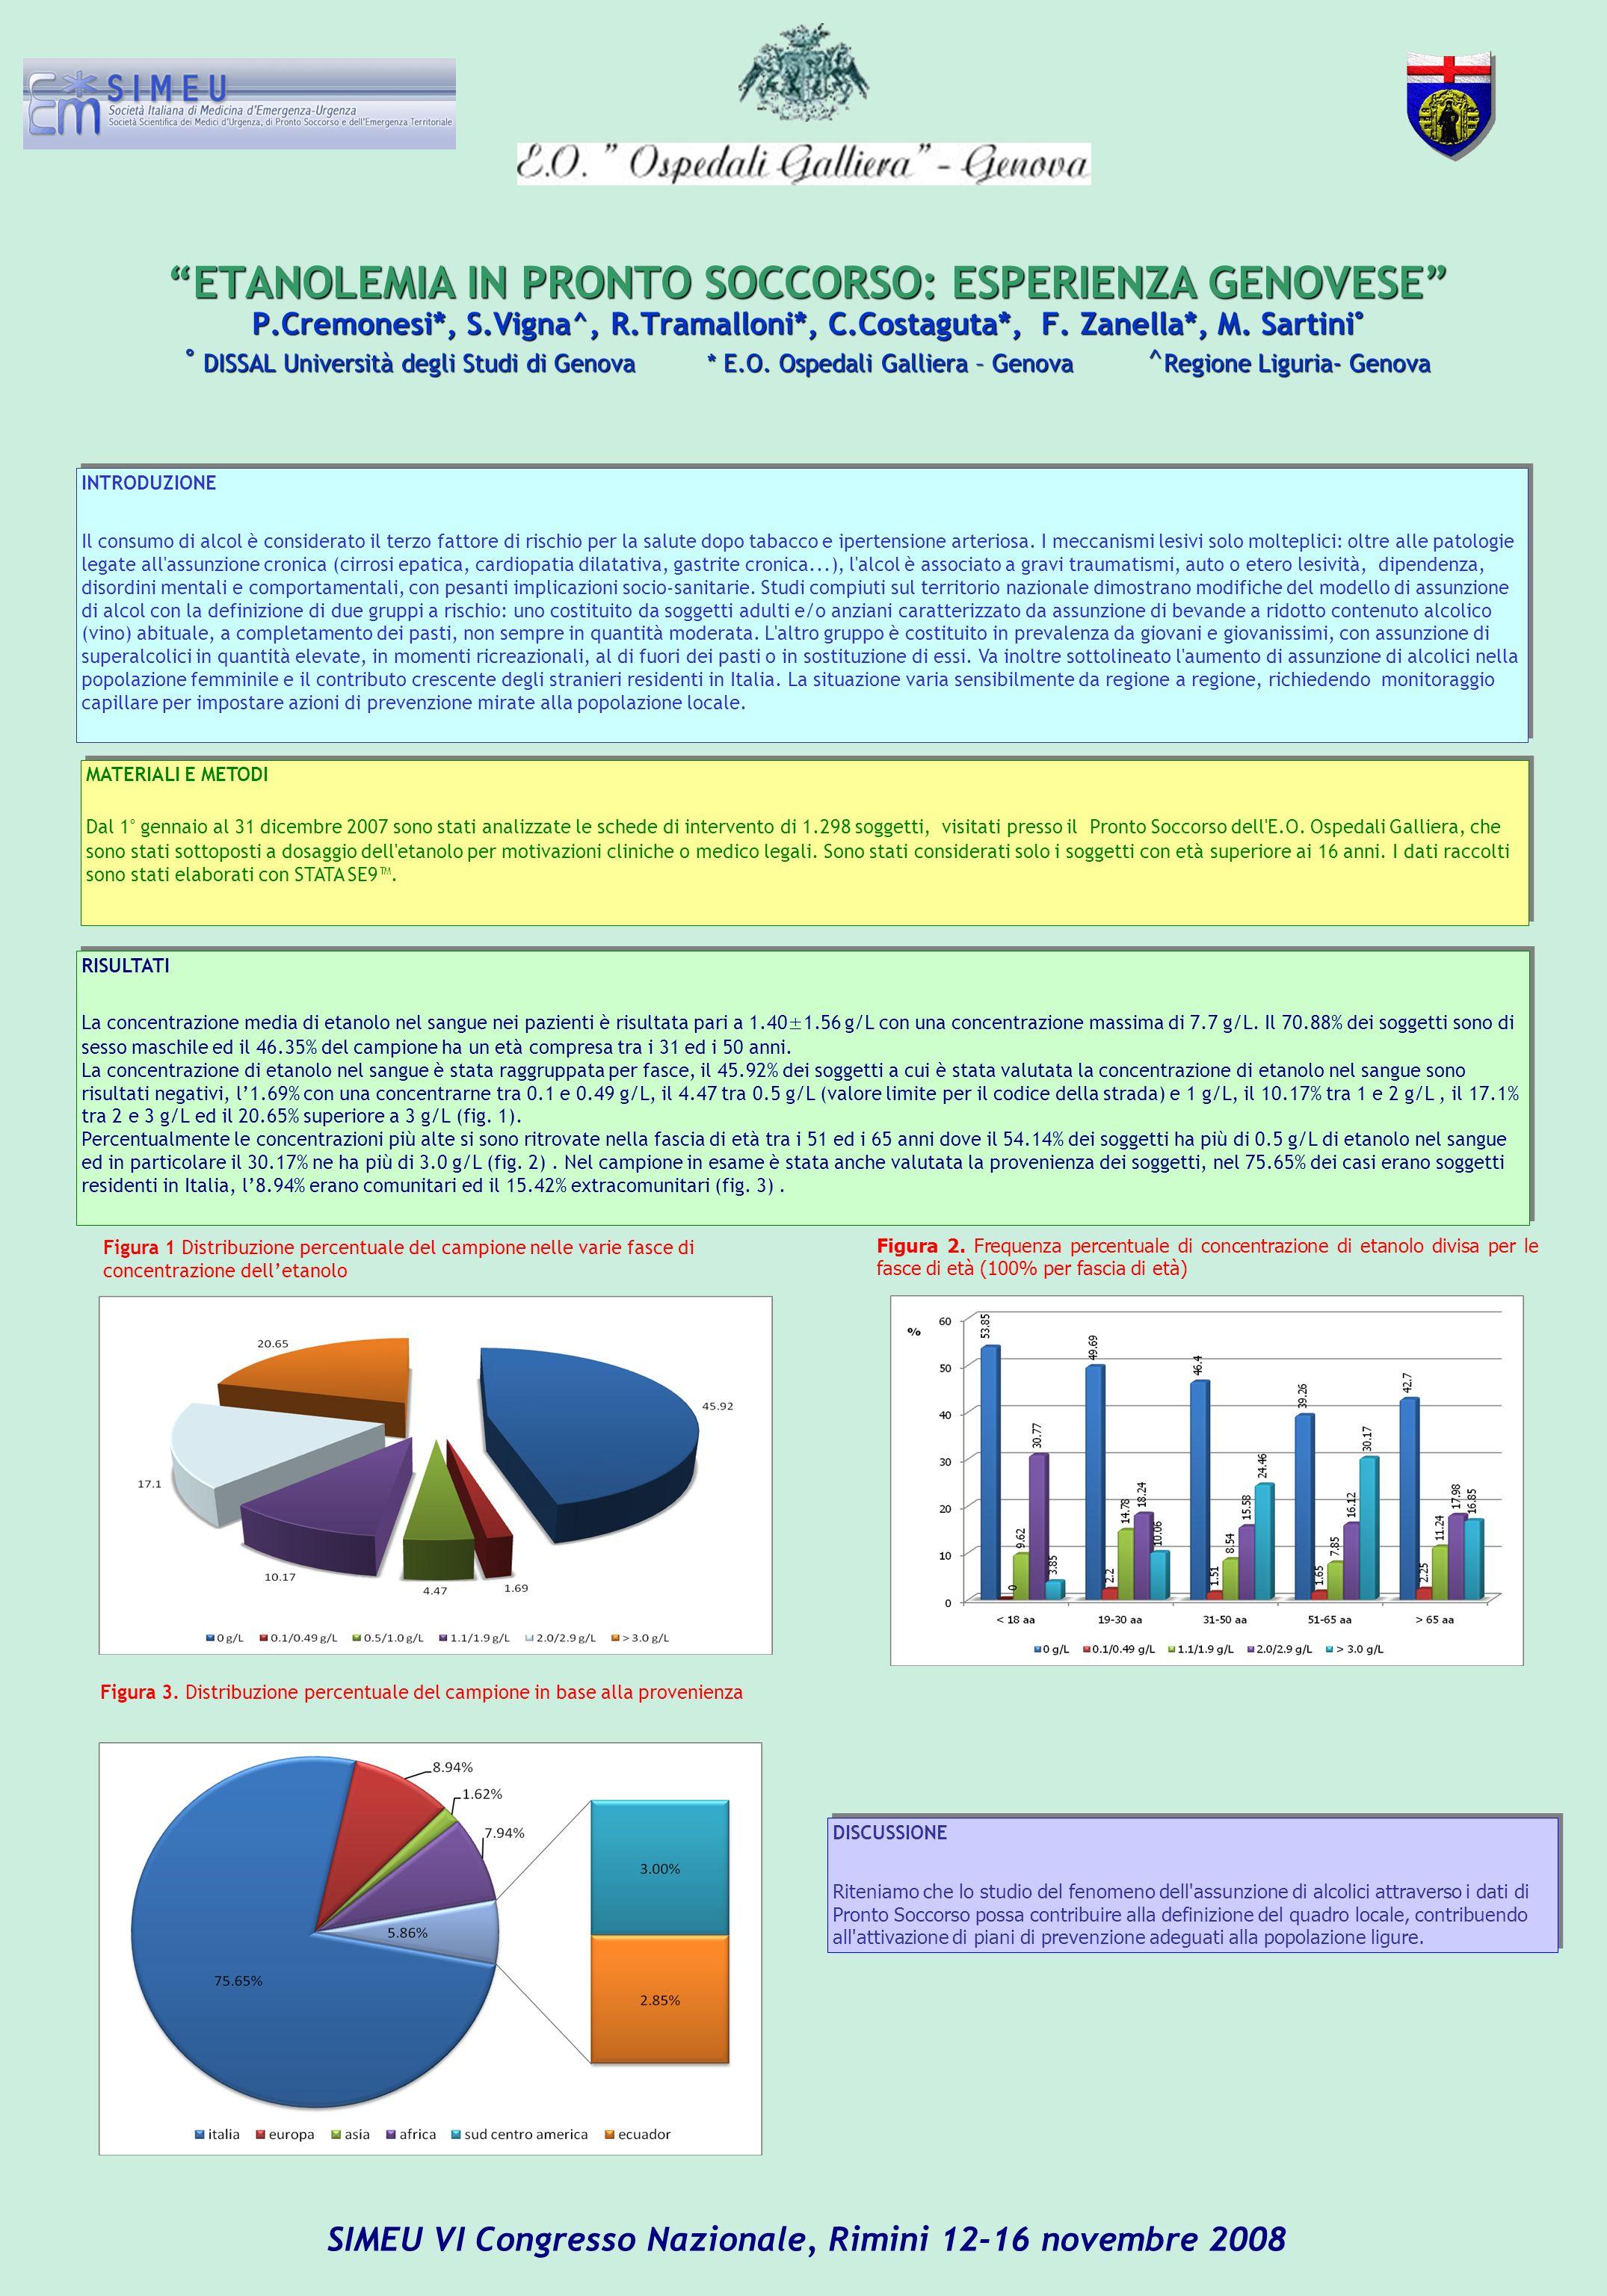 ETANOLEMIA IN PRONTO SOCCORSO: ESPERIENZA GENOVESE P.Cremonesi*, S.Vigna^, R.Tramalloni*, C.Costaguta*, F.